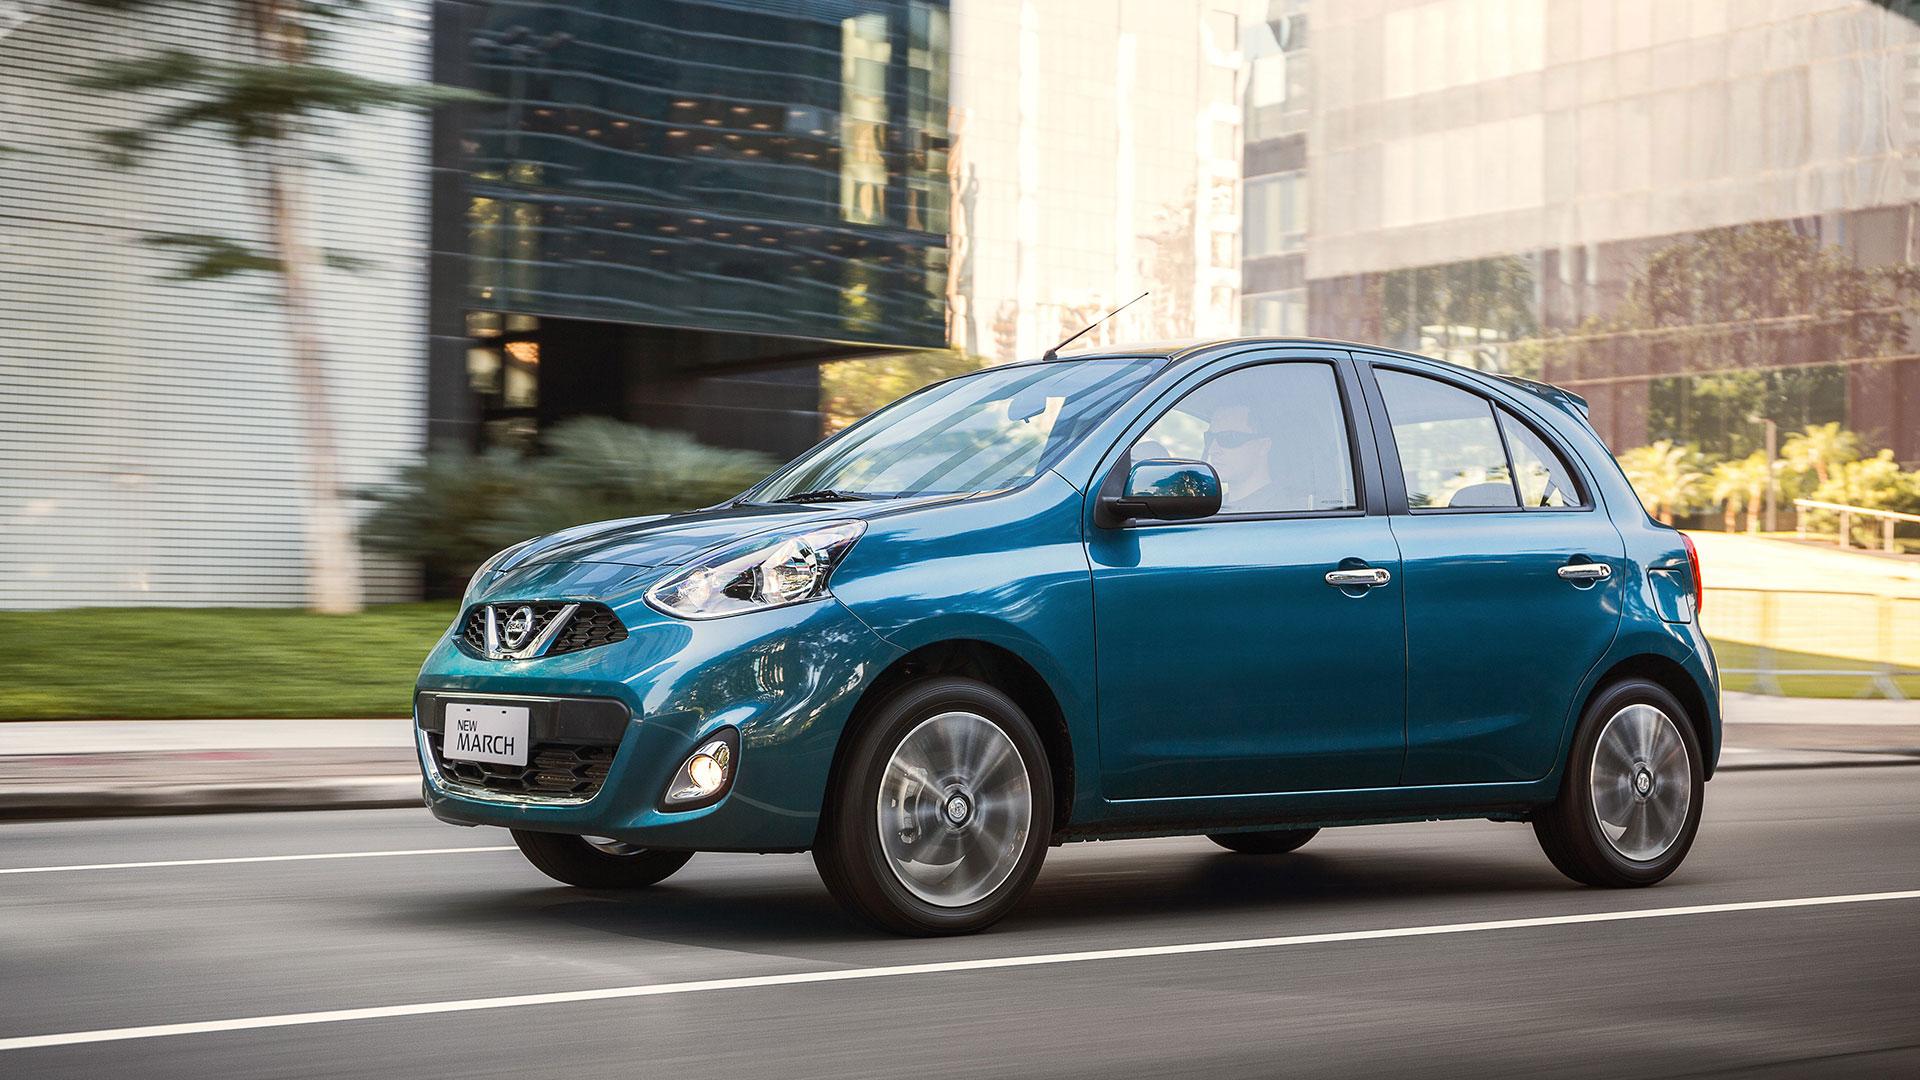 Nissan March, con nueva parrilla con detalles cromados, grupos ópticos tanto delanteros como traseros, nuevo juego de llantas de aleación liviana, manijas exteriores cromadas y spoiler trasero